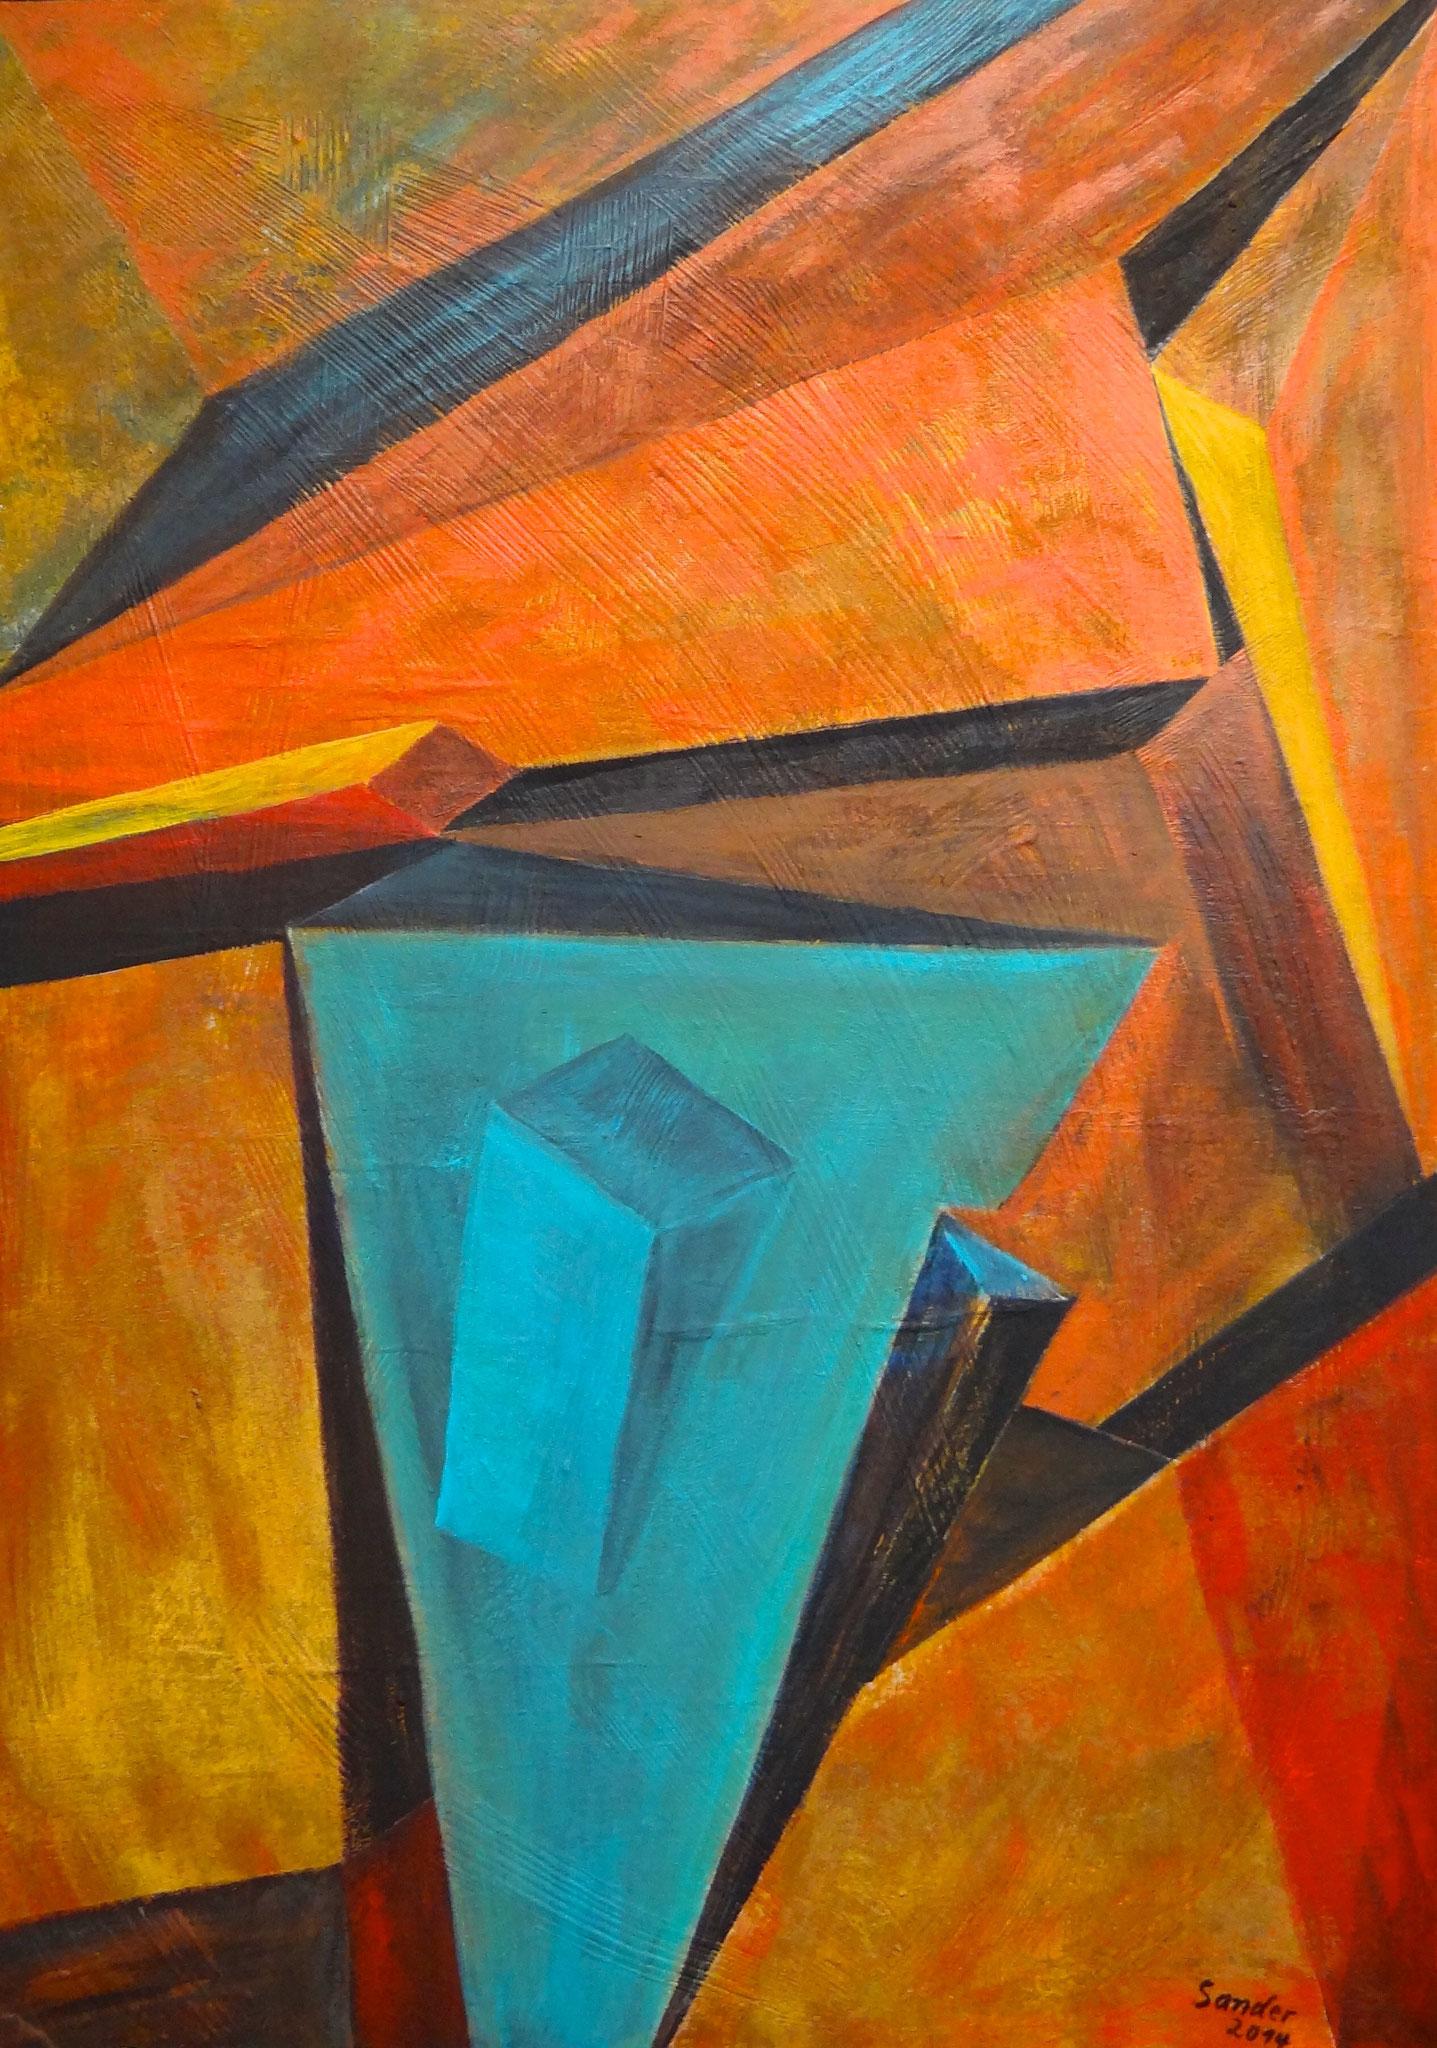 rostige Formen 1, 70 x 50 cm, Acrylfarben auf Malkarton, signiert und datiert 2014